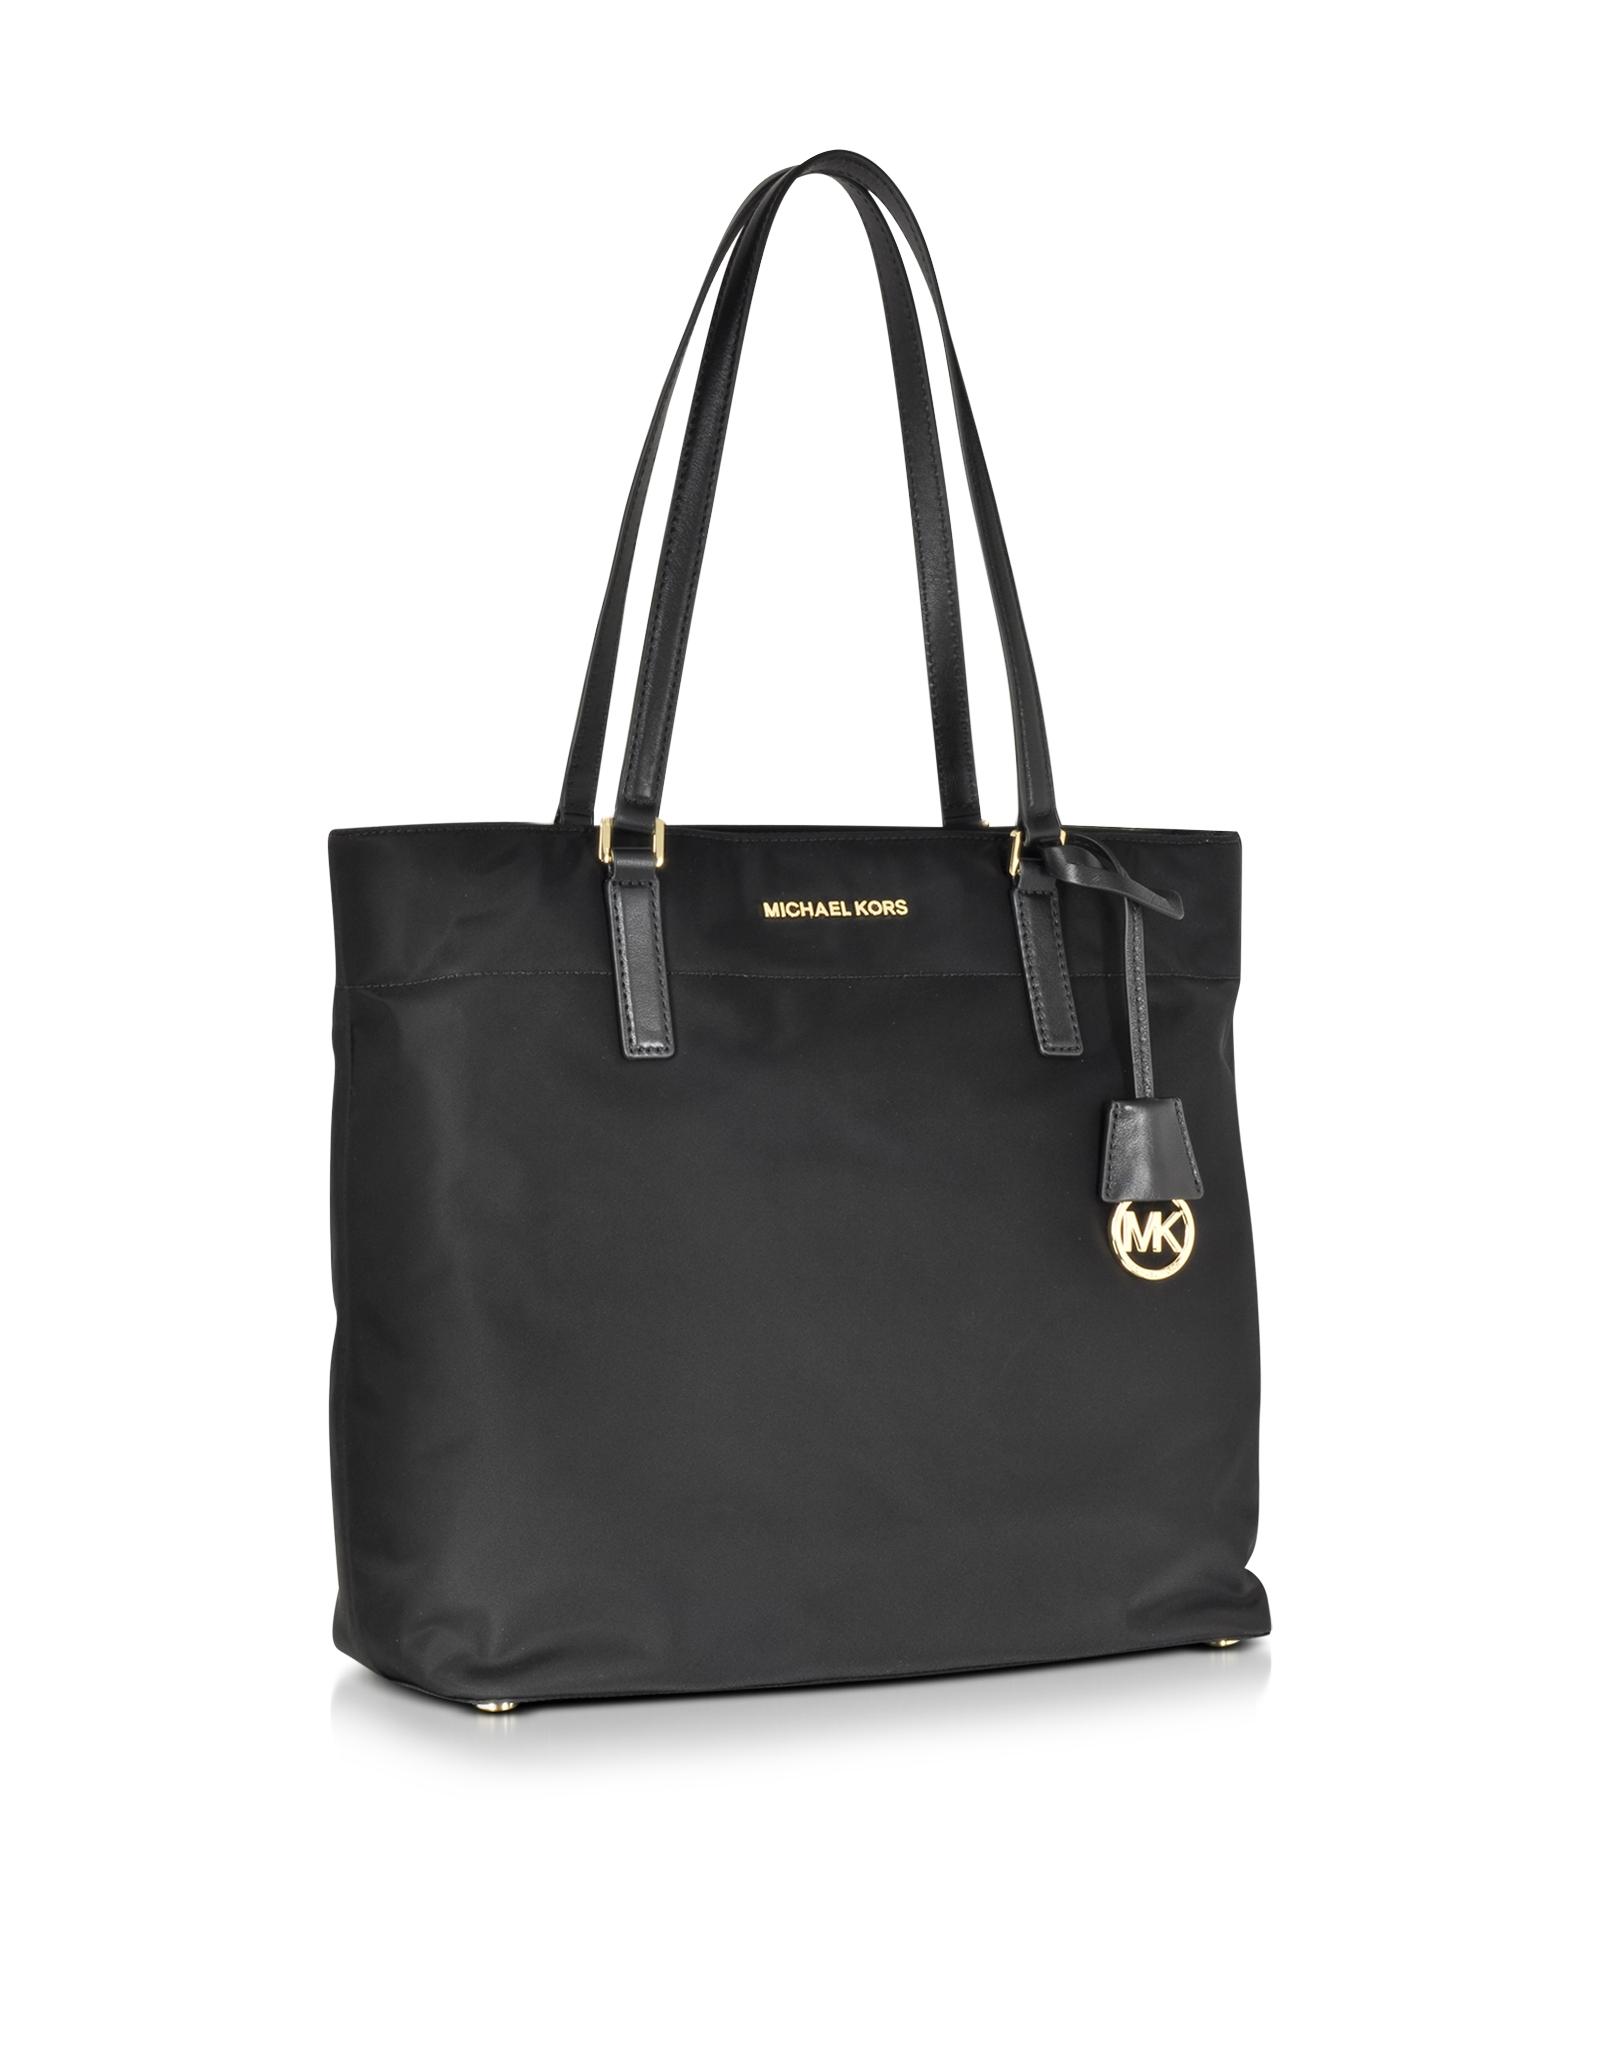 Shoulder Bag, black (Black) - MORGAN Morgan